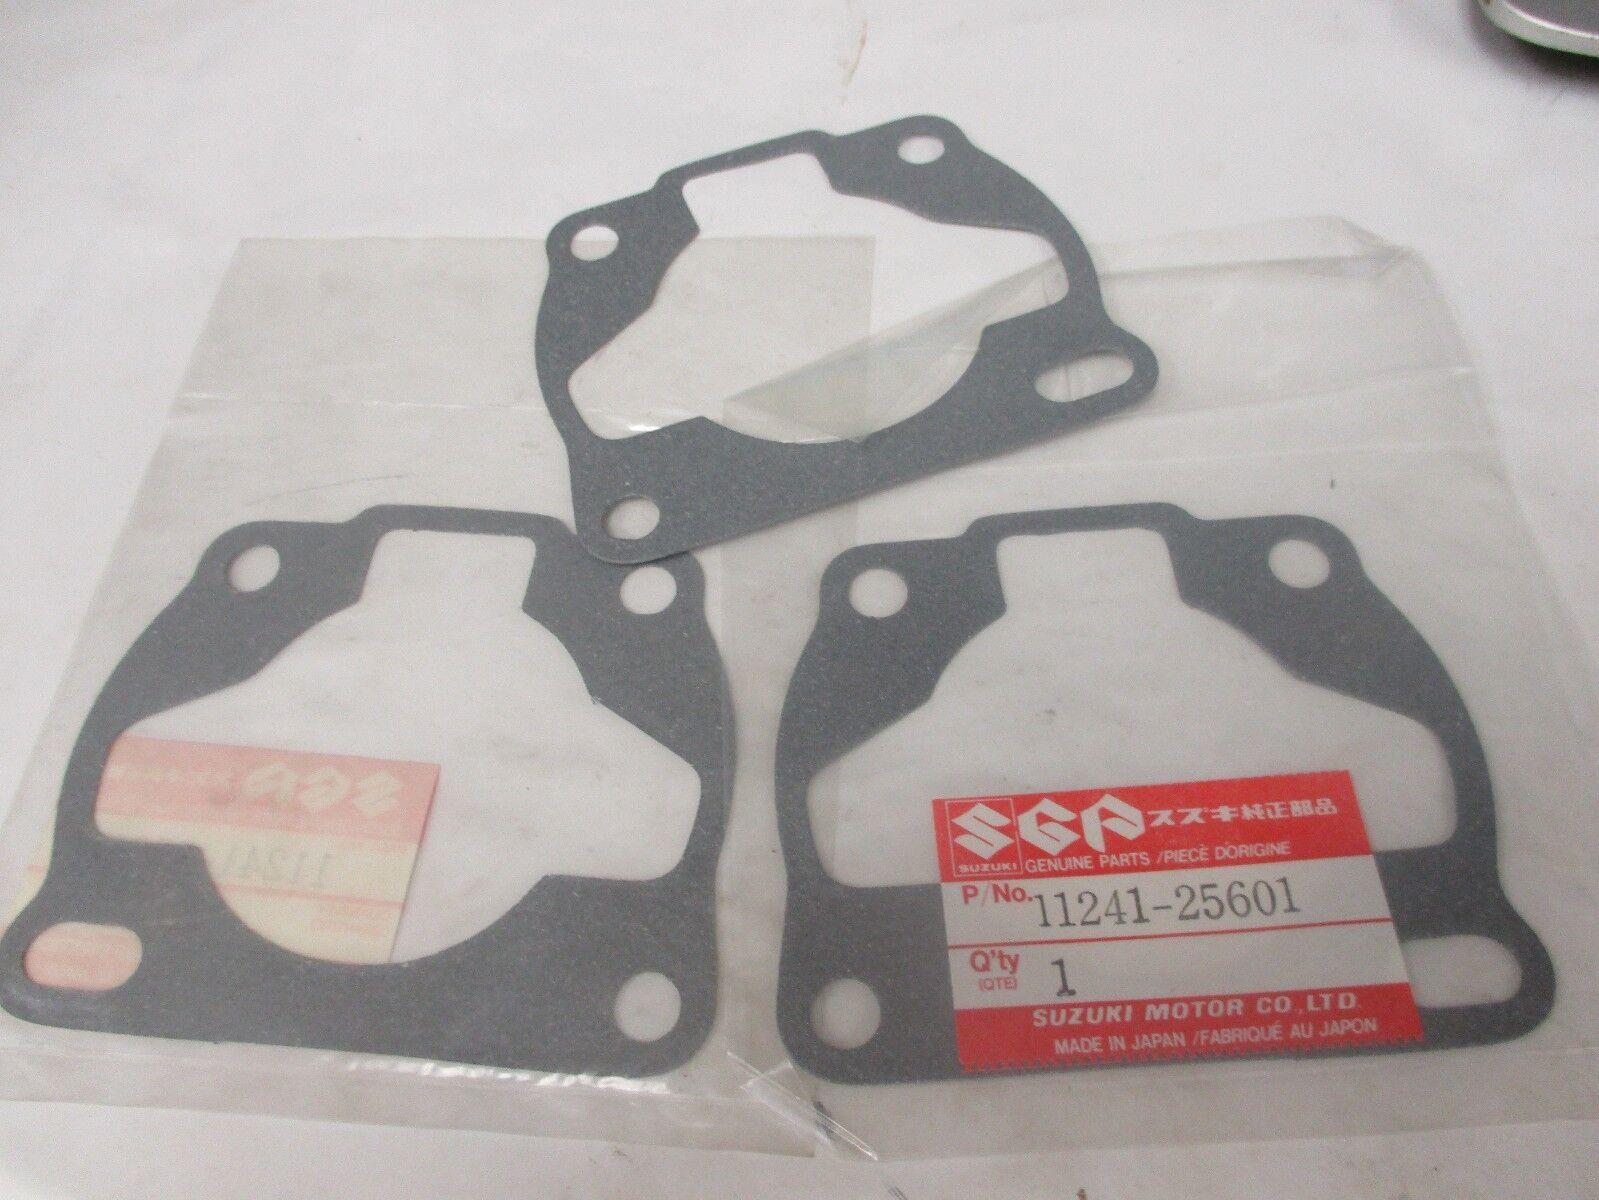 NOS SUZUKI TS100 CYLINDER GASKET # 11241-25601